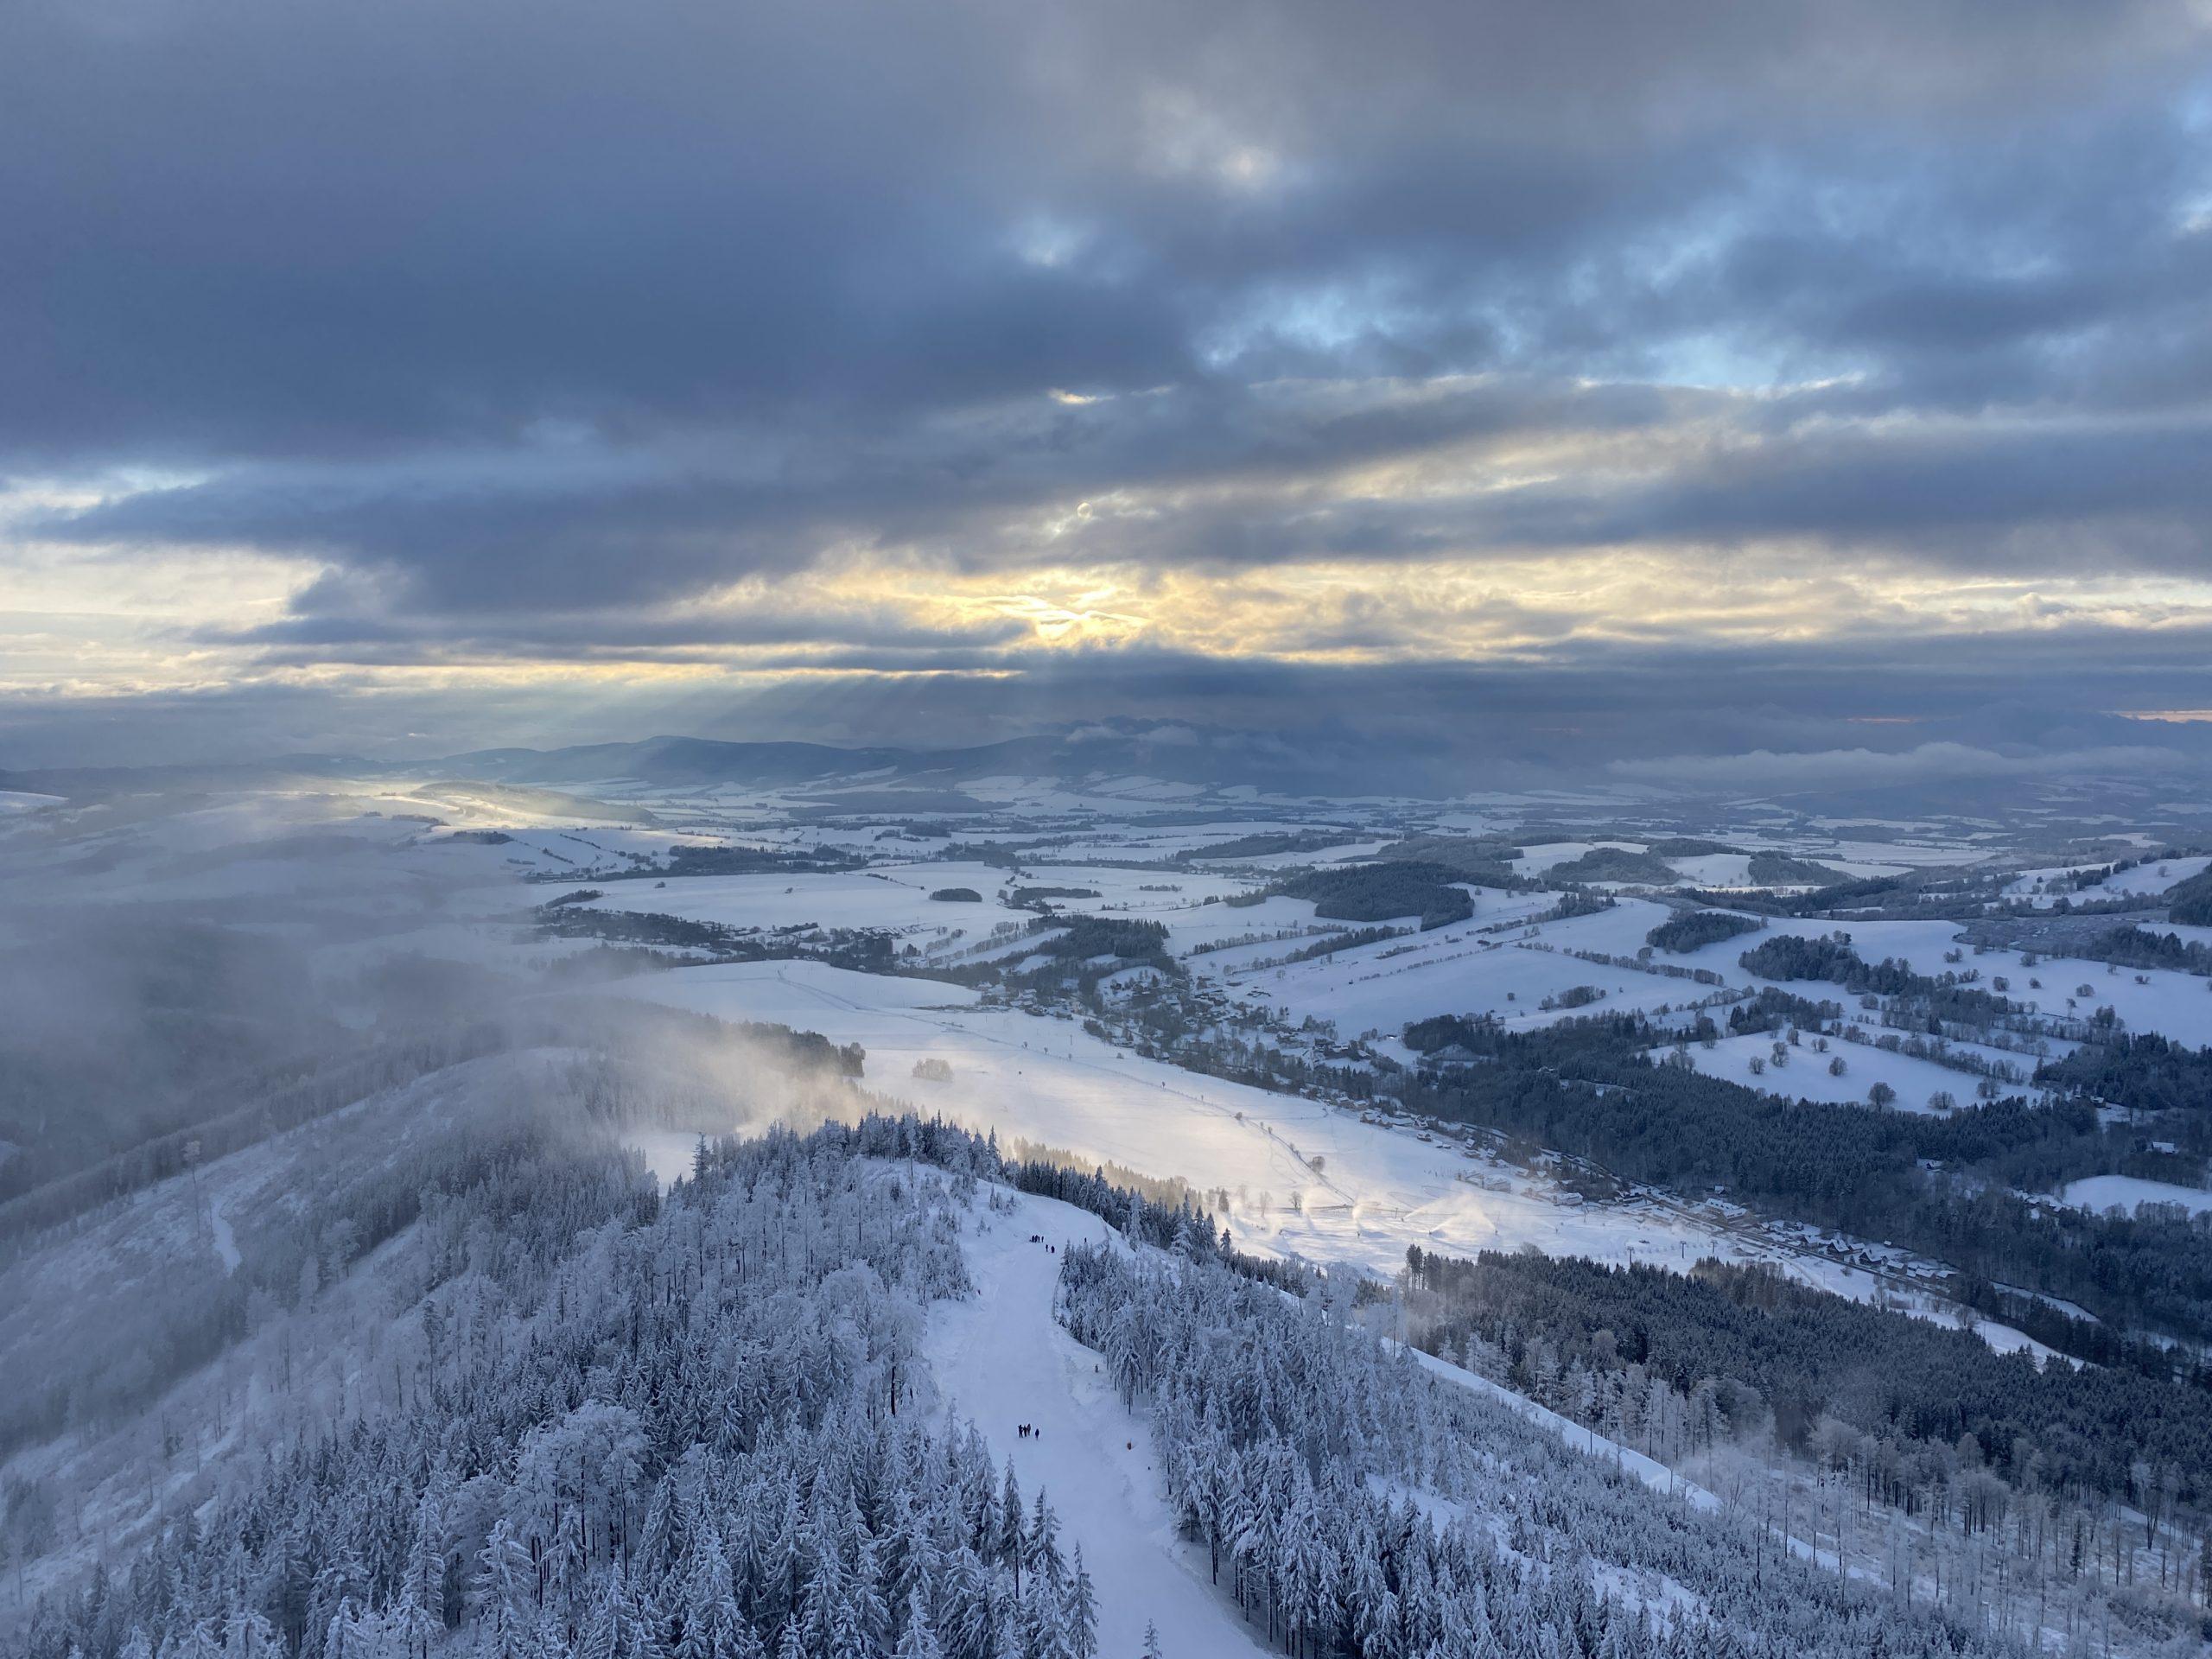 Nádherný výhled na okolí ze Stezky v oblacích v Dolní Moravě